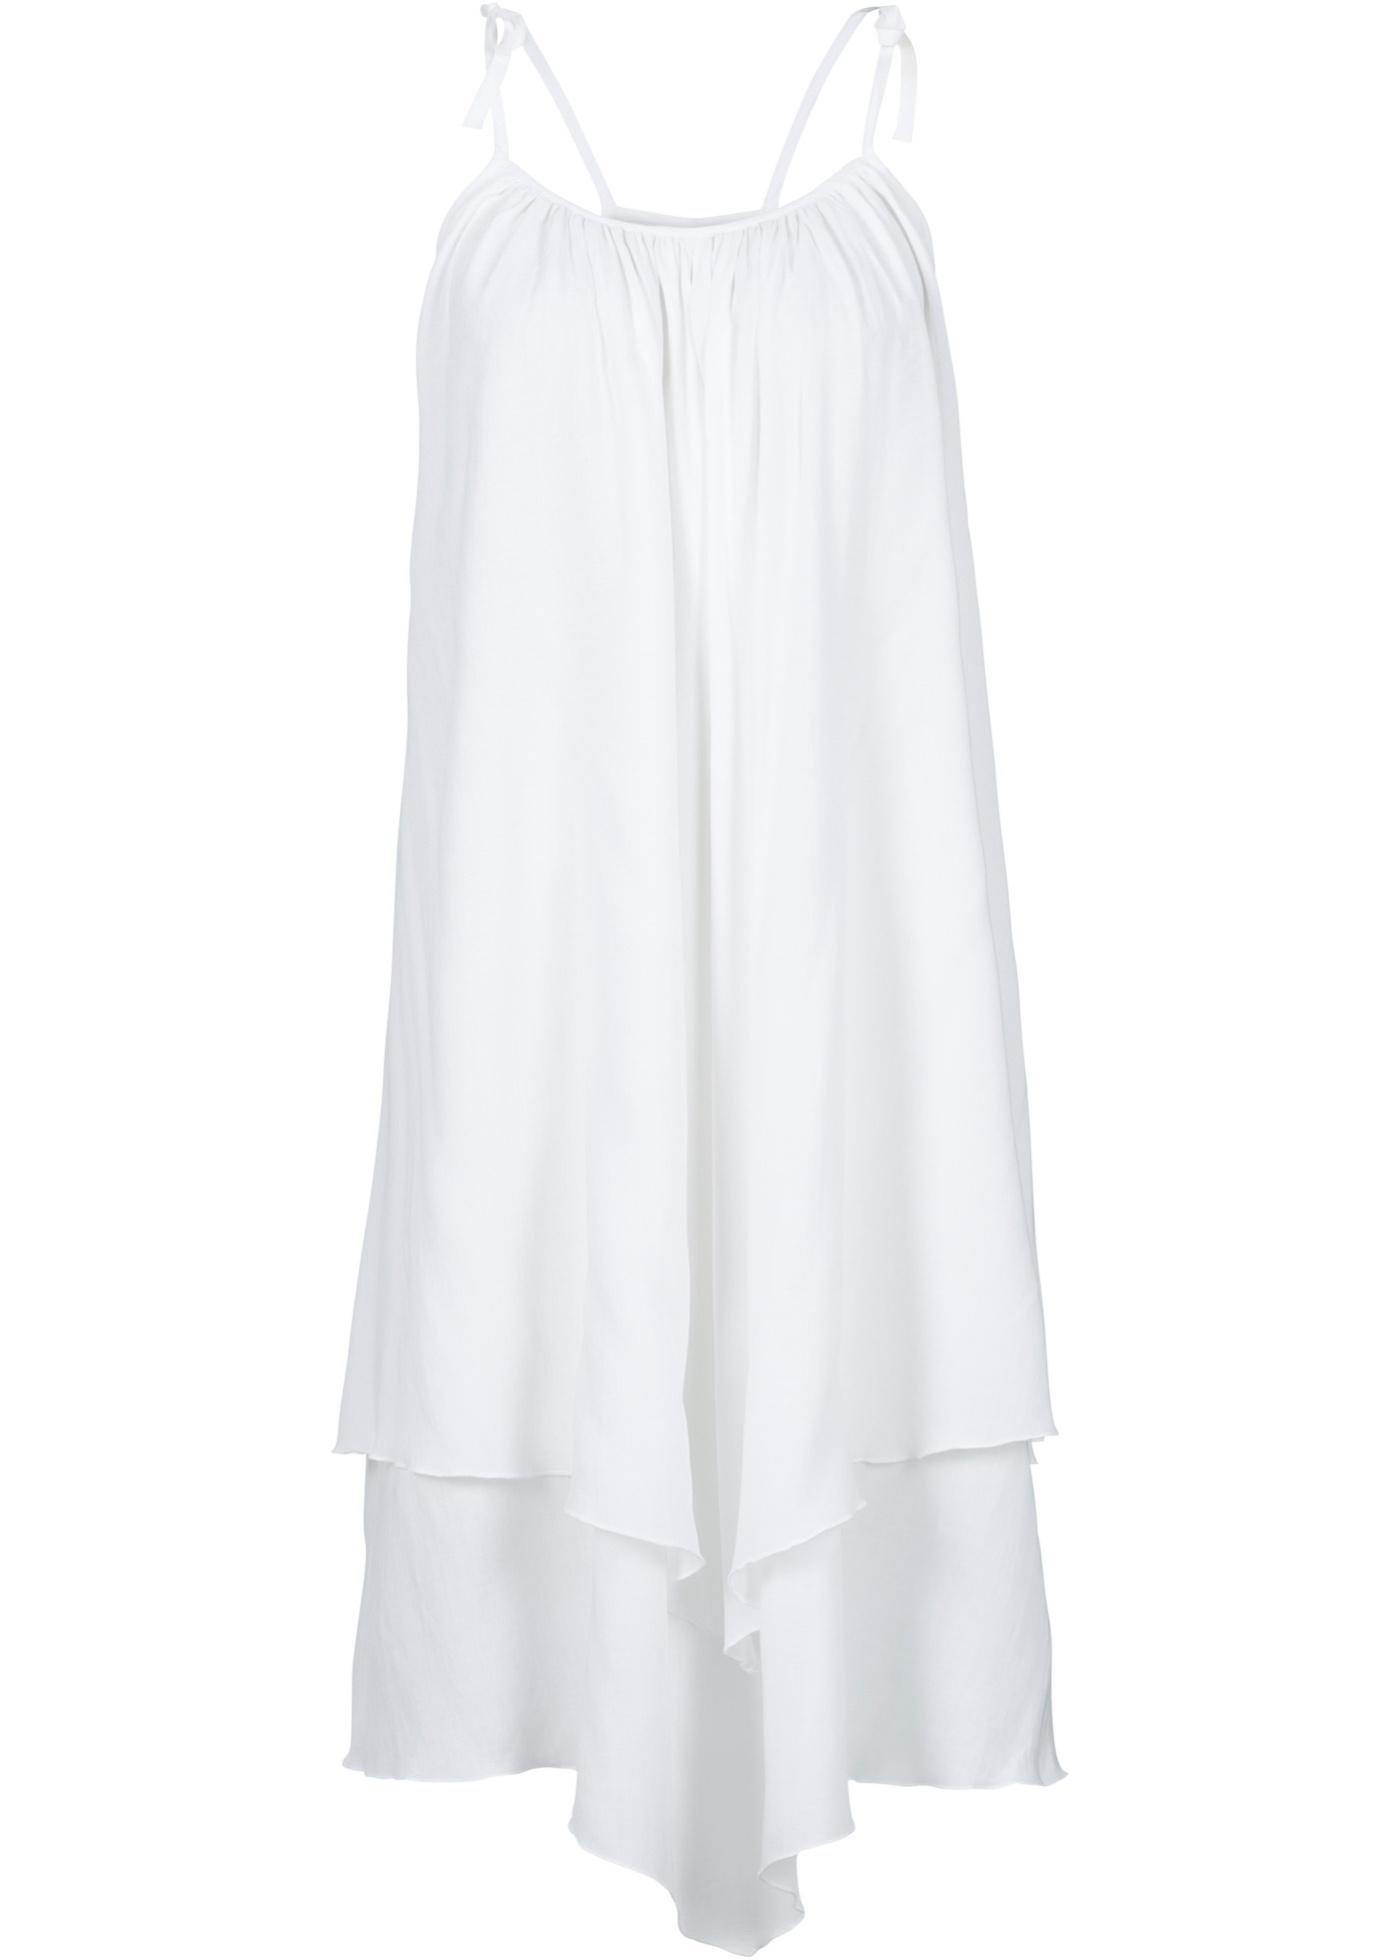 Kleid ohne Ärmel  in weiß (Rundhals) für Damen von bonprix